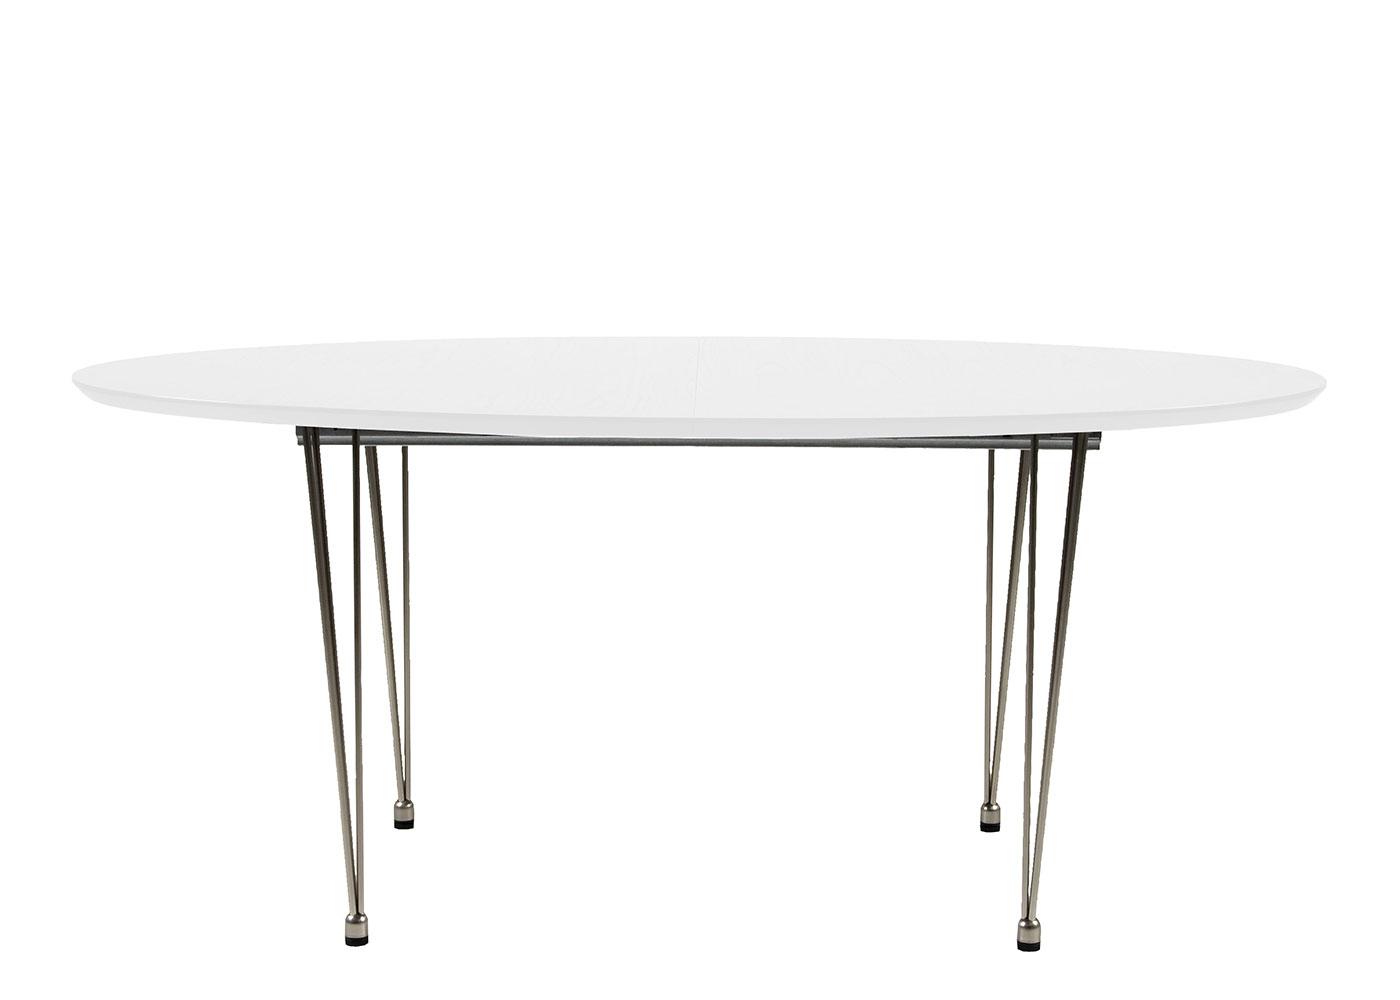 Jedálenský stôl rozkladací Ballet, 270 cm, nohy chróm, biela / chróm